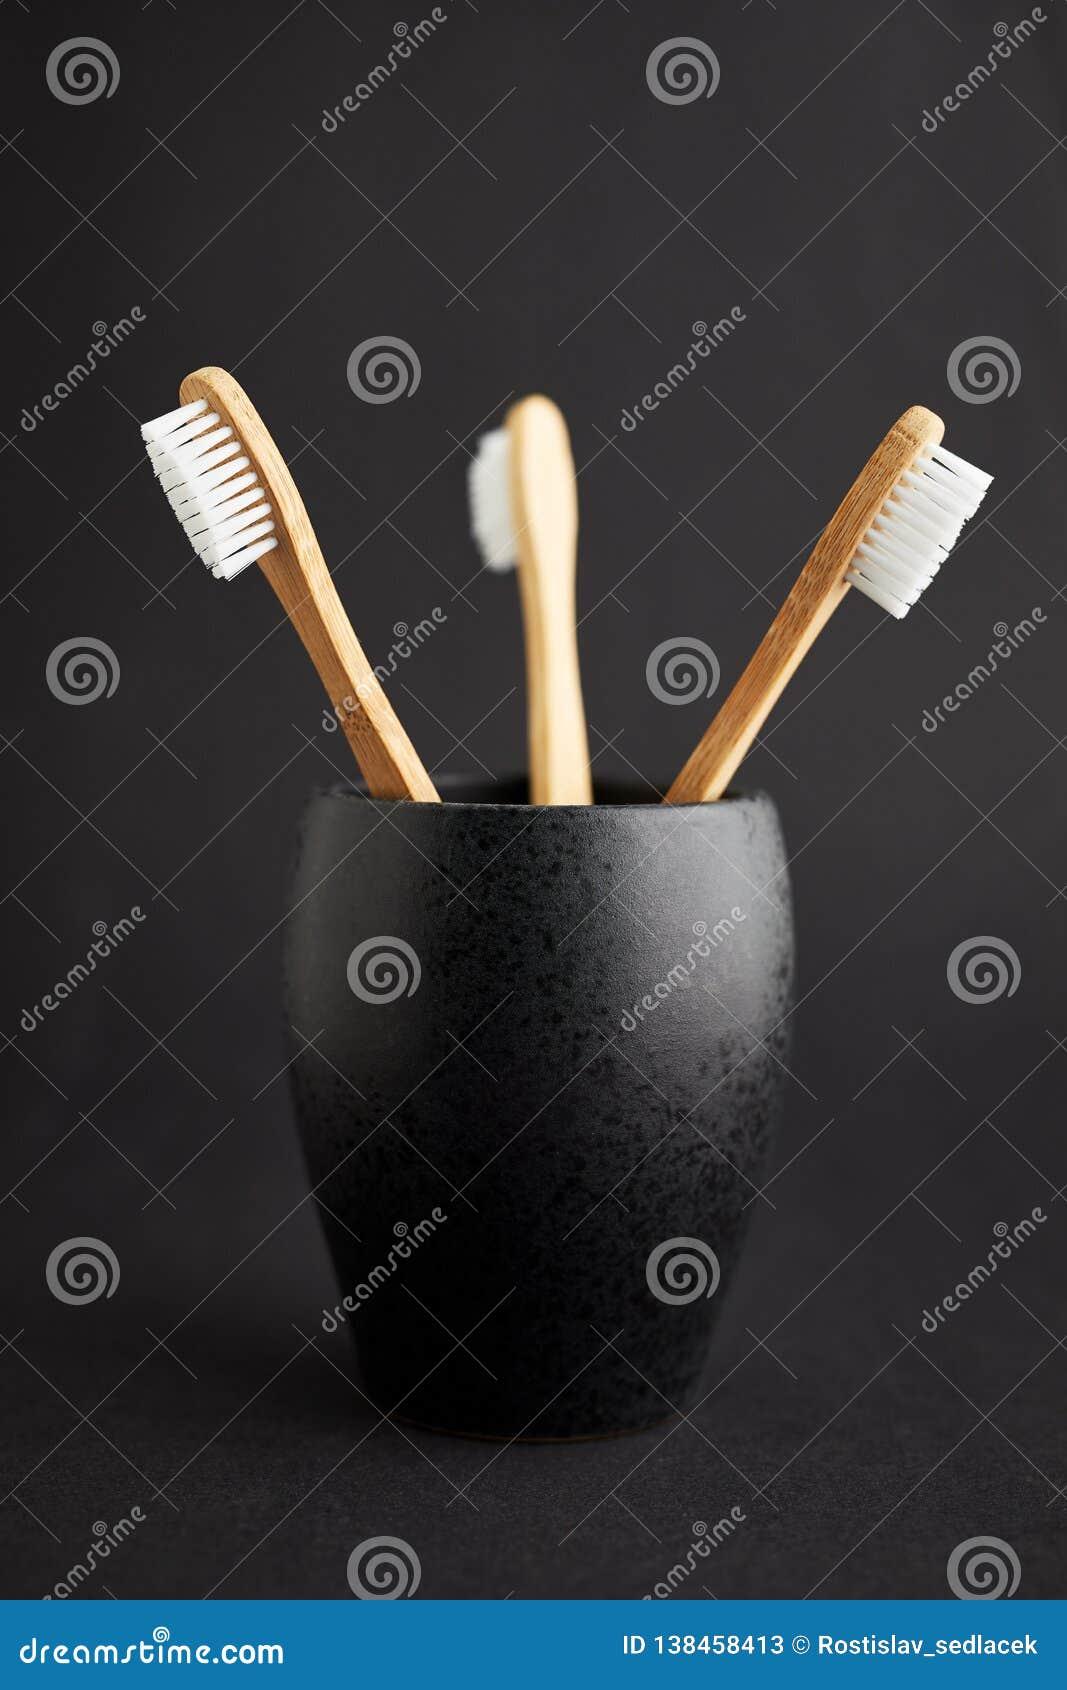 Três escovas de dentes de bambu em um vidro preto